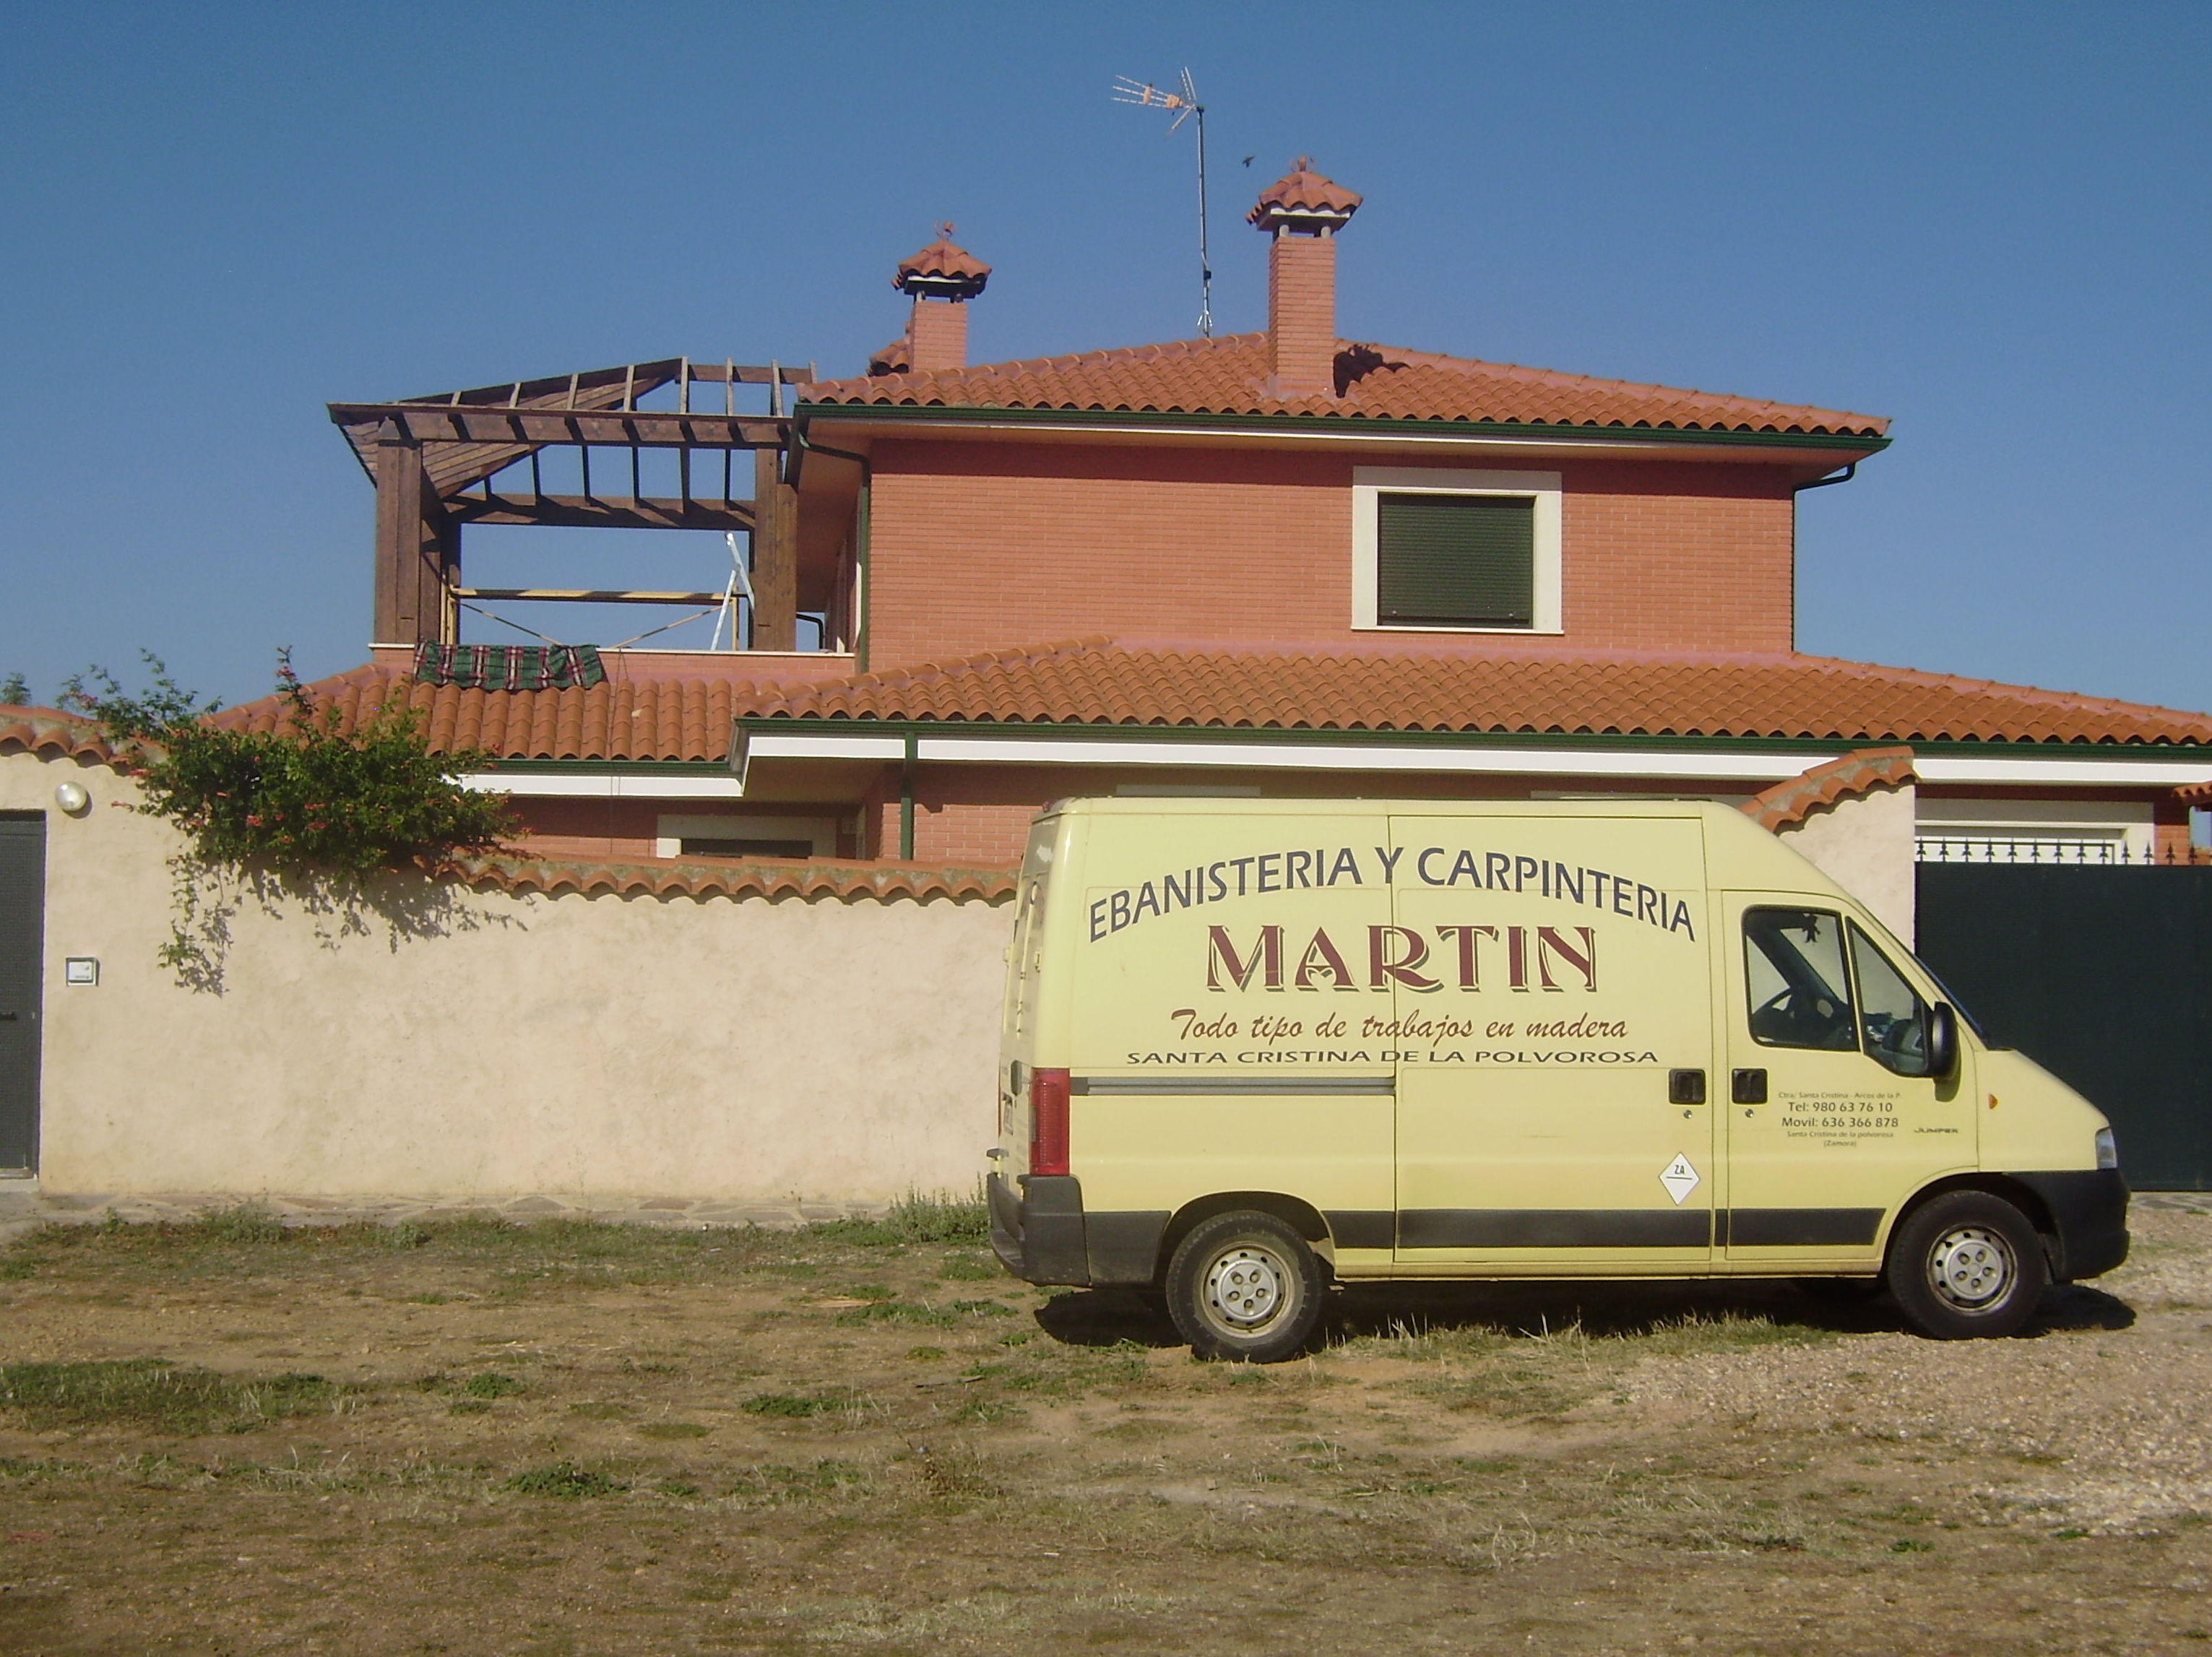 Foto 7 de Carpintería en Santa Cristina de la Polvorosa | Ebanistería y Carpintería Martín